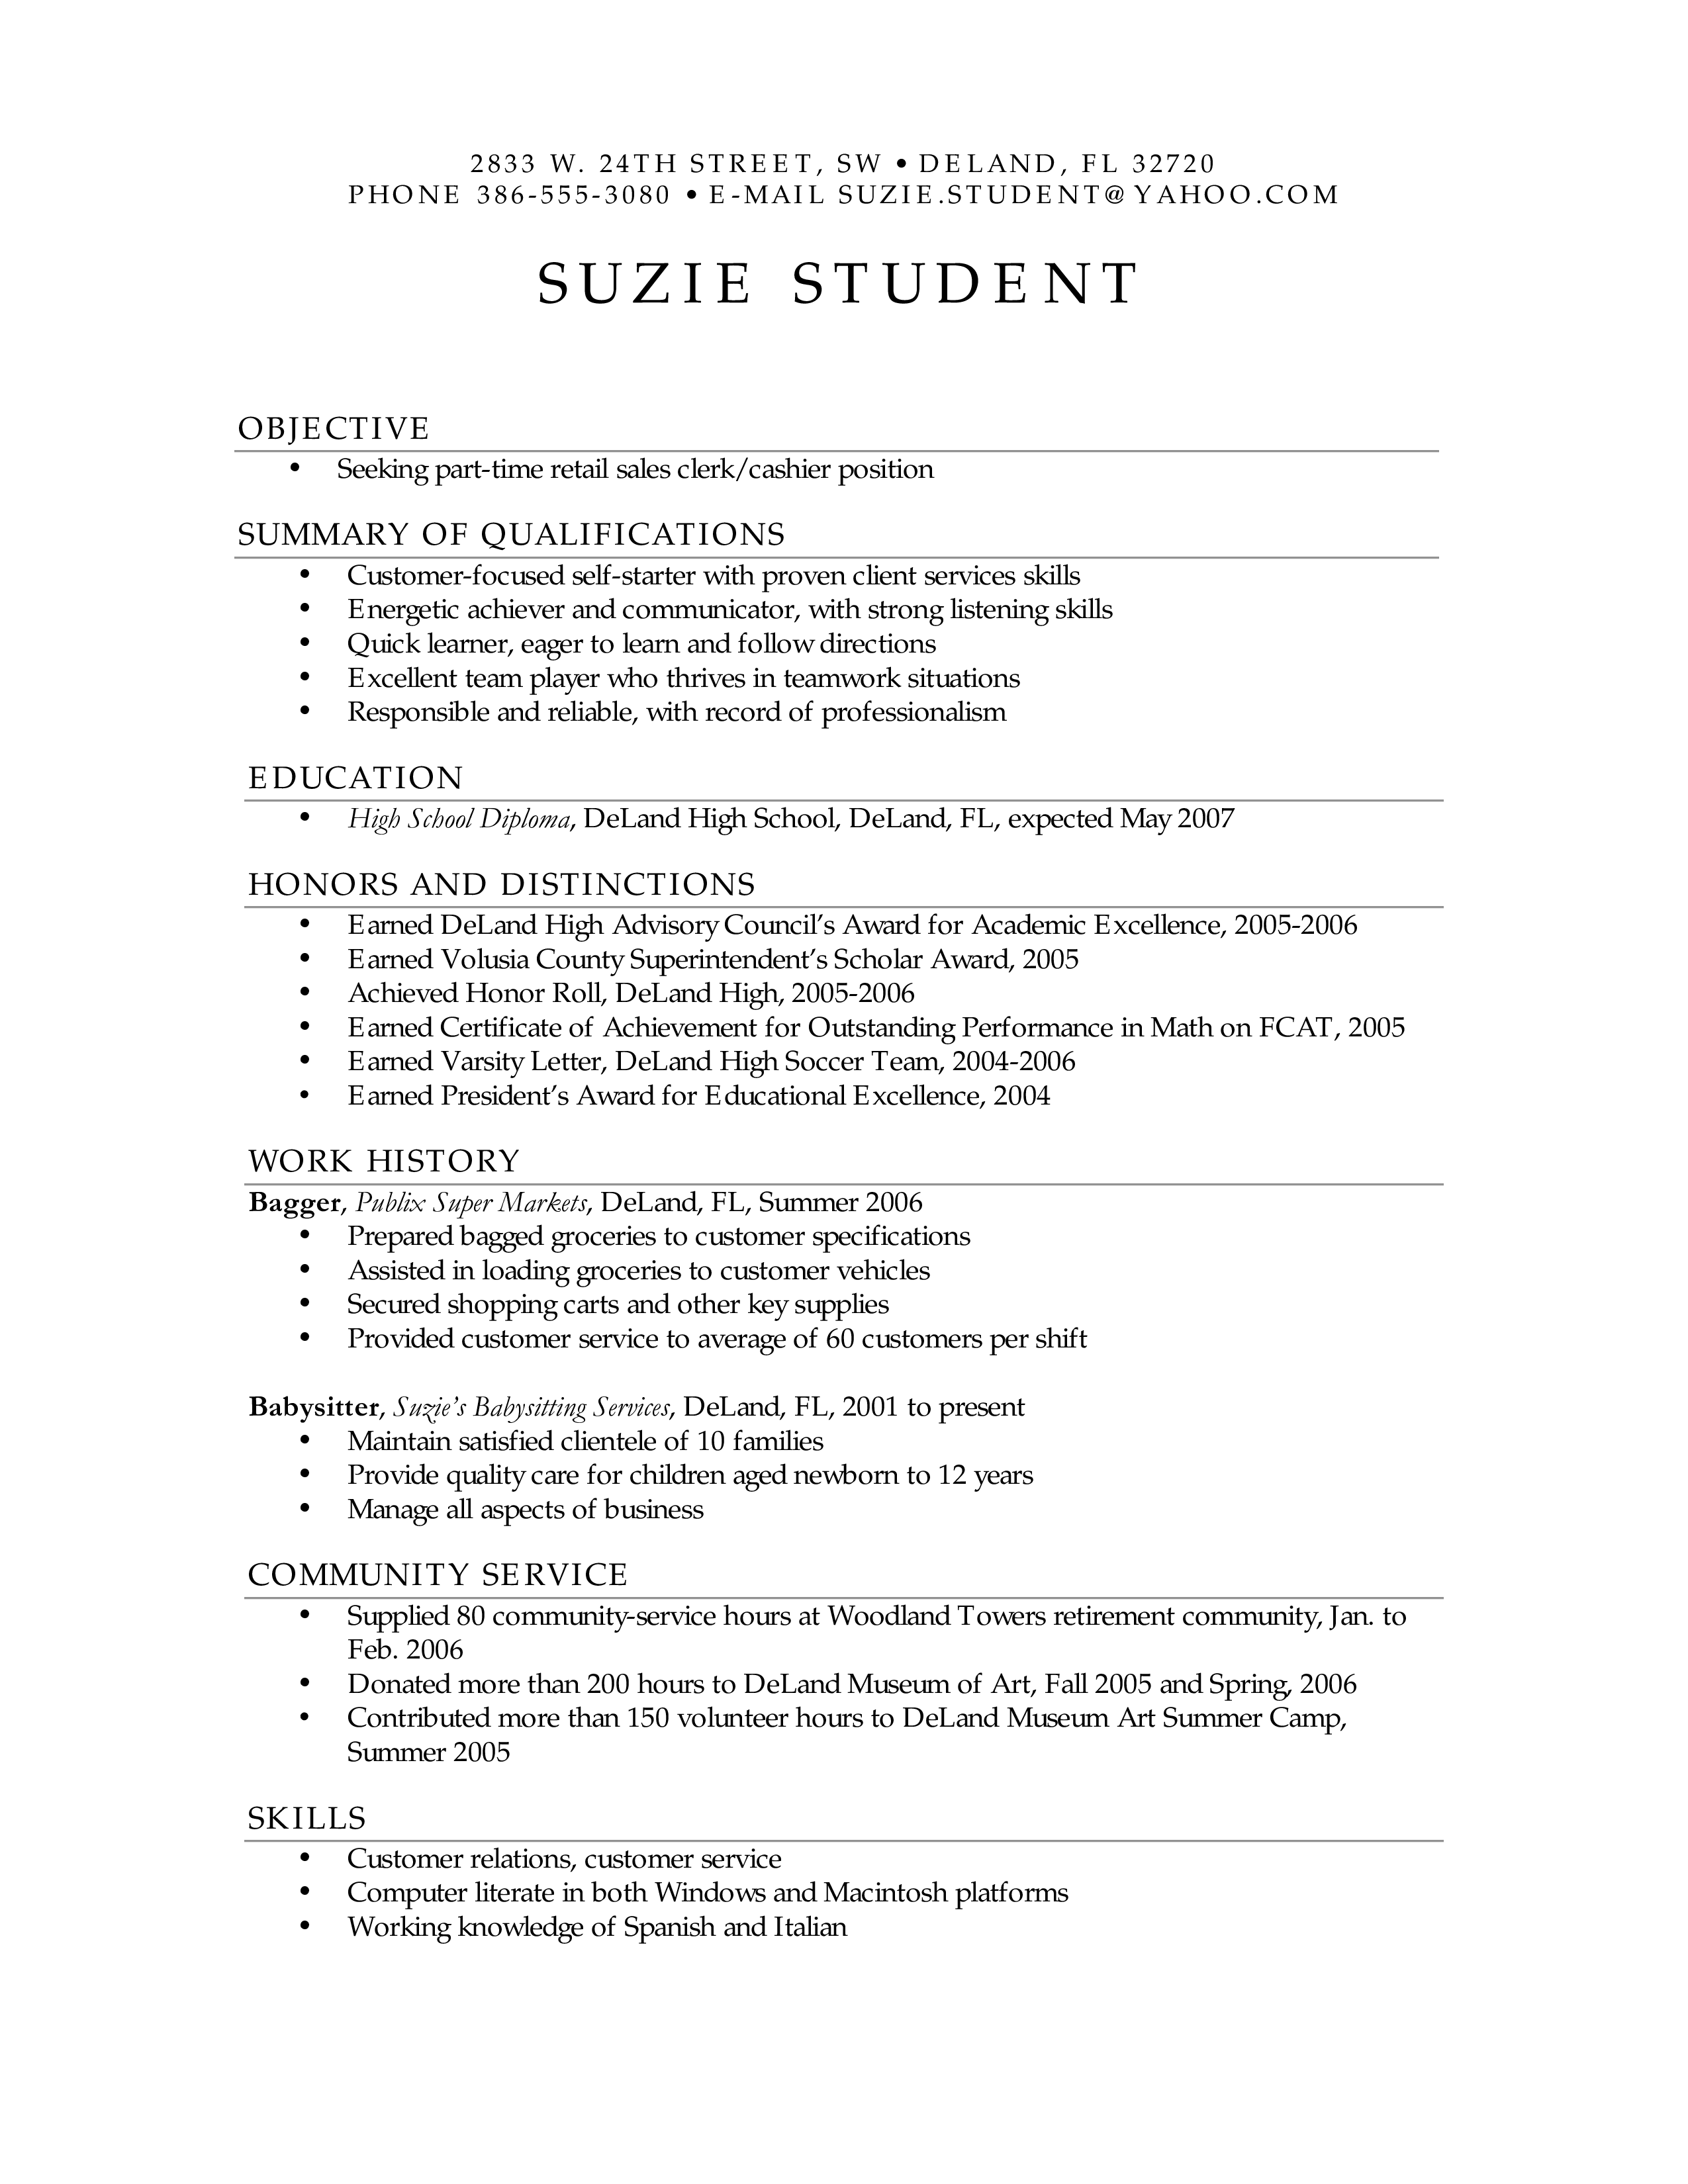 免费Sample Retail Sales Resume | 样本文件在allbusinesstemplates.com